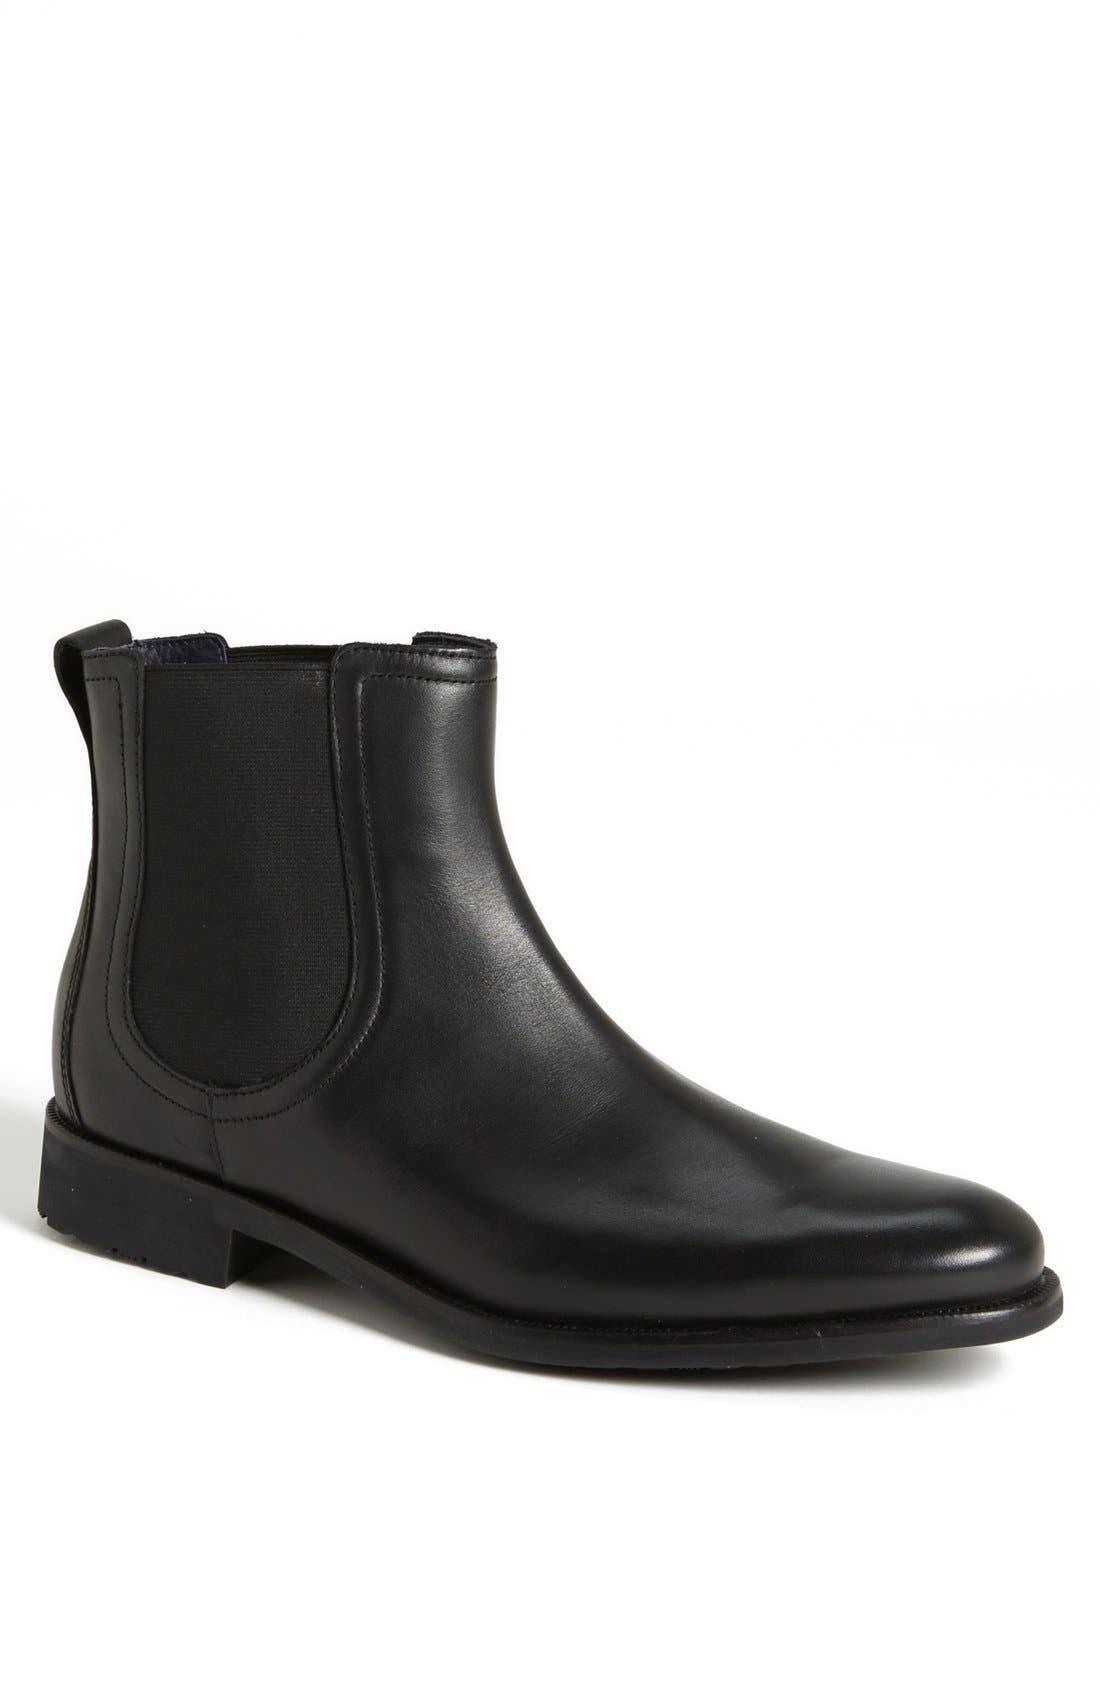 Main Image - Cole Haan 'Stanton' Chelsea Boot   (Men)